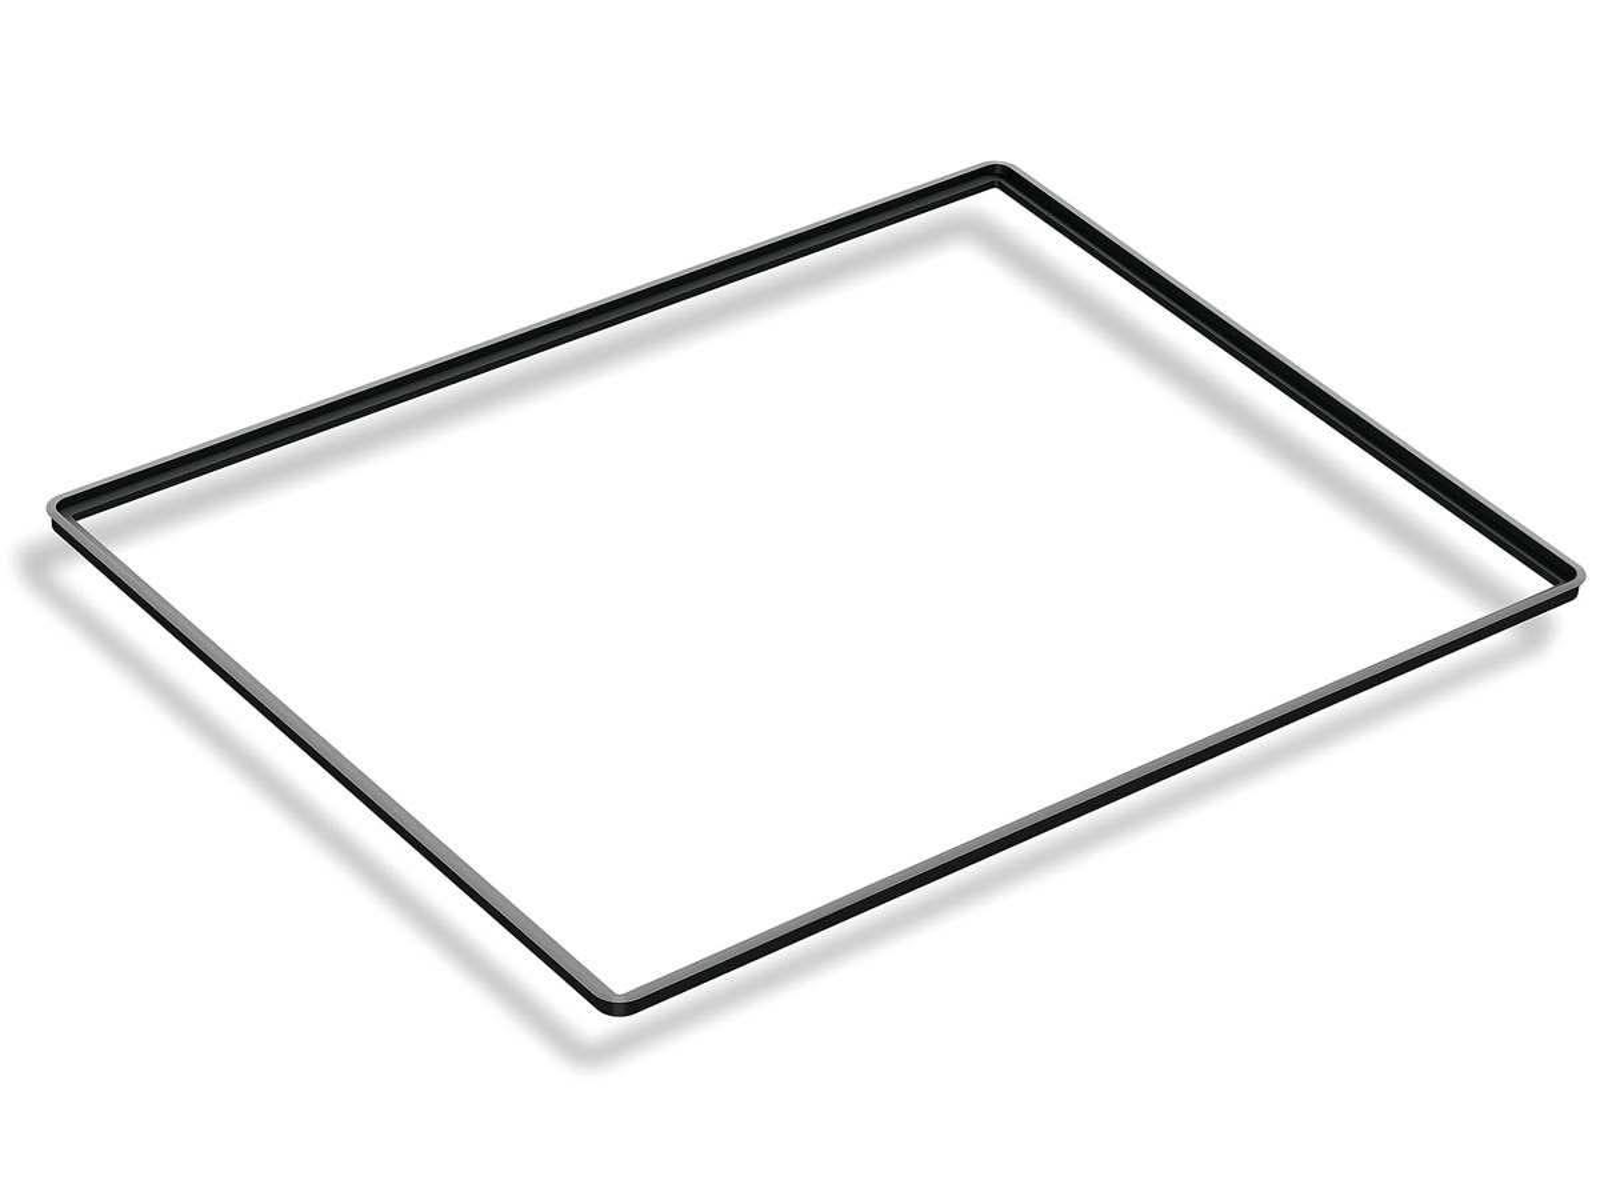 siemens hz395800 einbaurahmen 80 cm. Black Bedroom Furniture Sets. Home Design Ideas